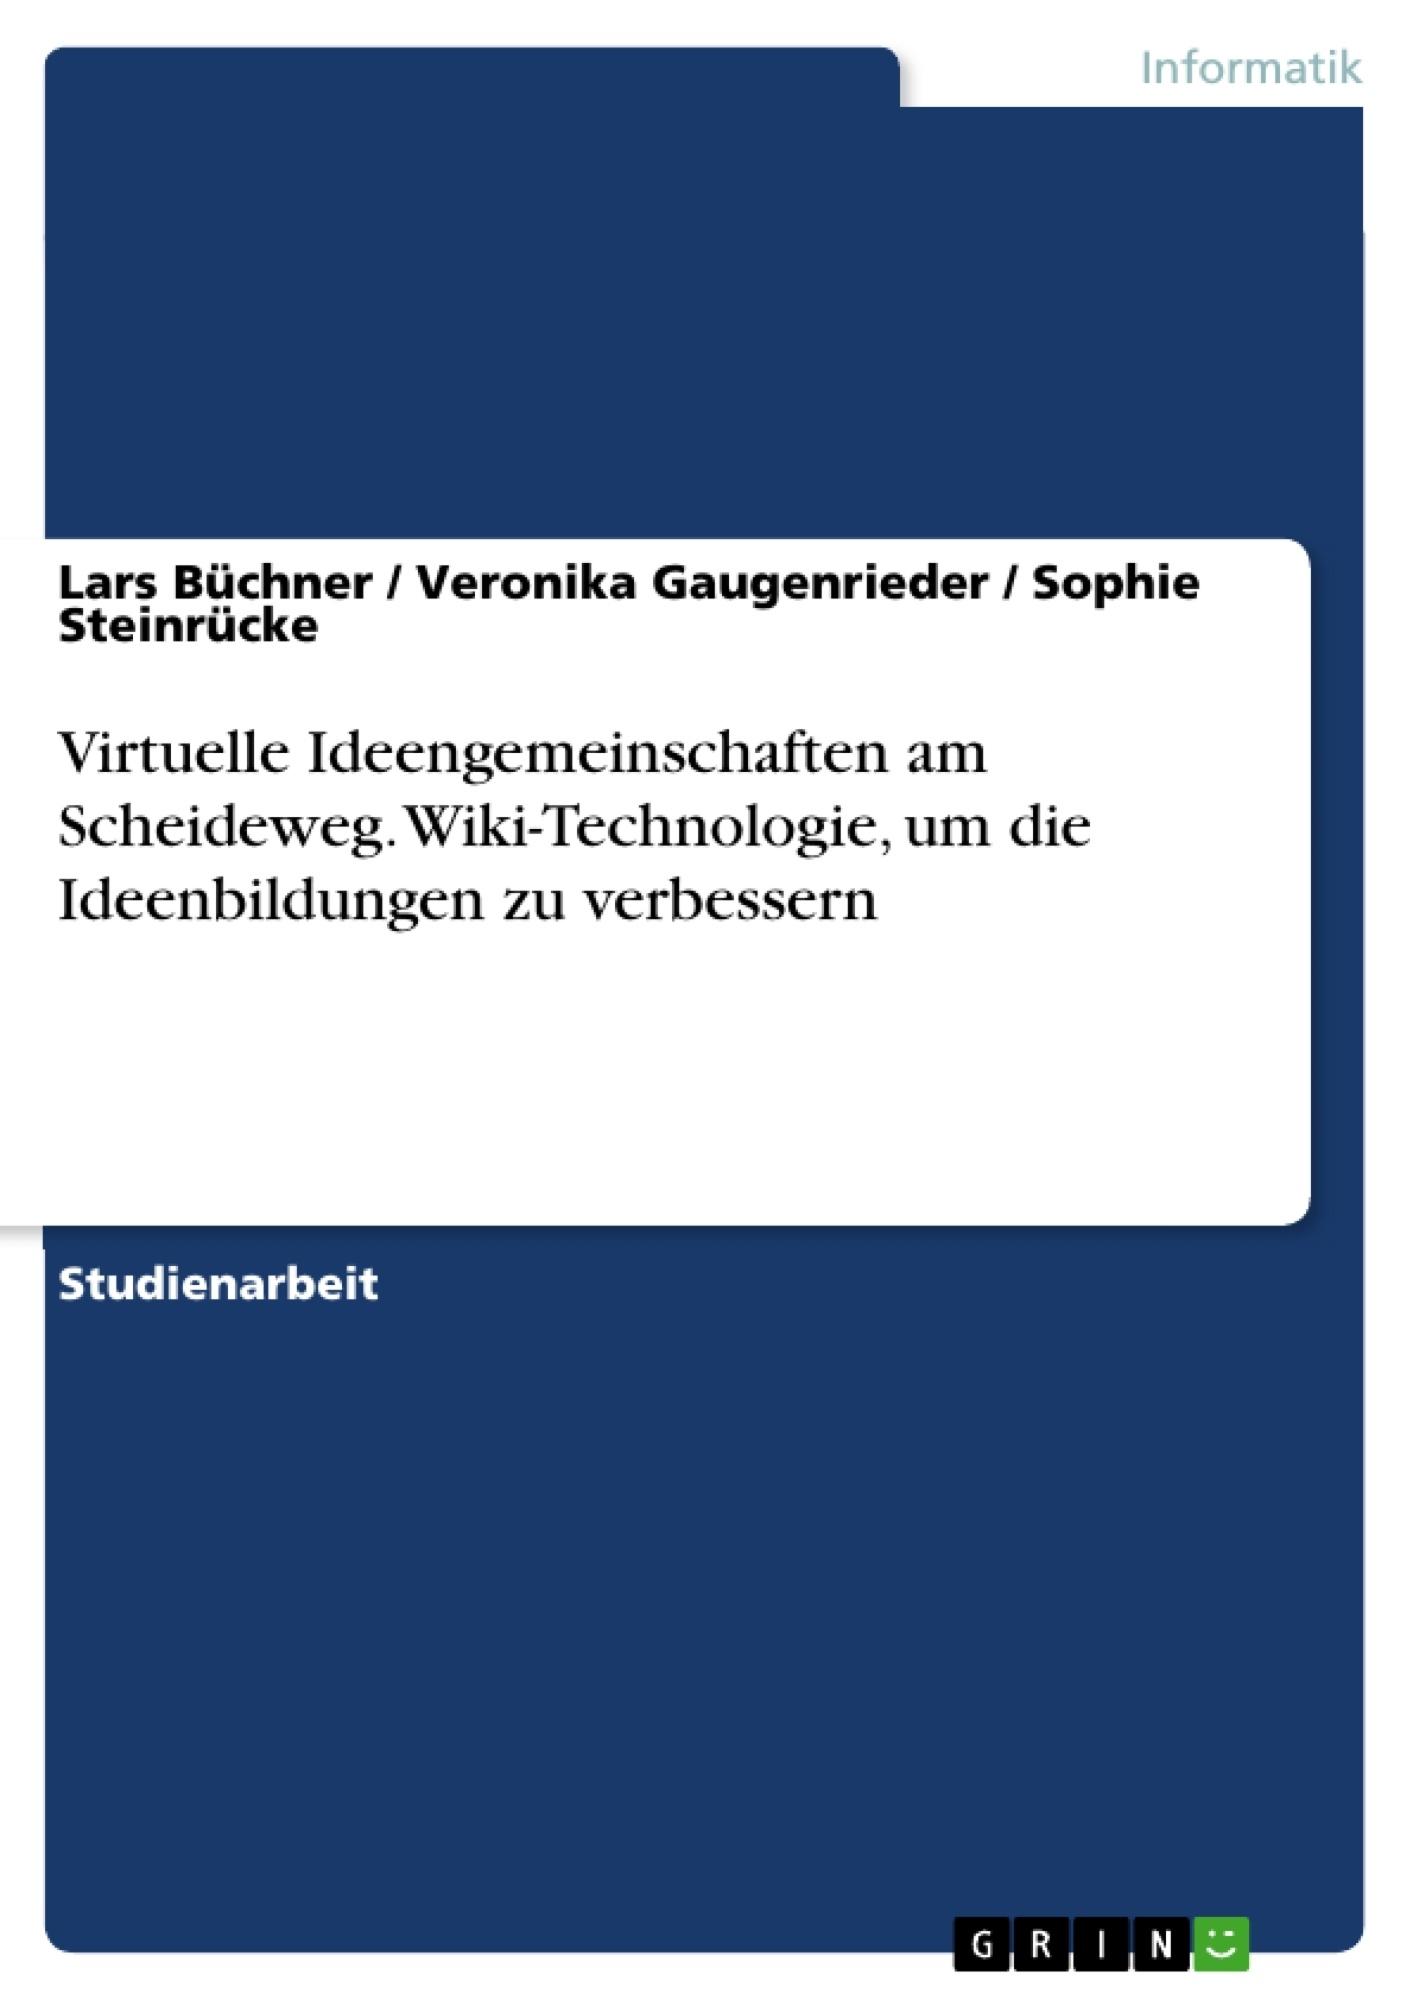 Titel: Virtuelle Ideengemeinschaften am Scheideweg. Wiki-Technologie, um die Ideenbildungen zu verbessern